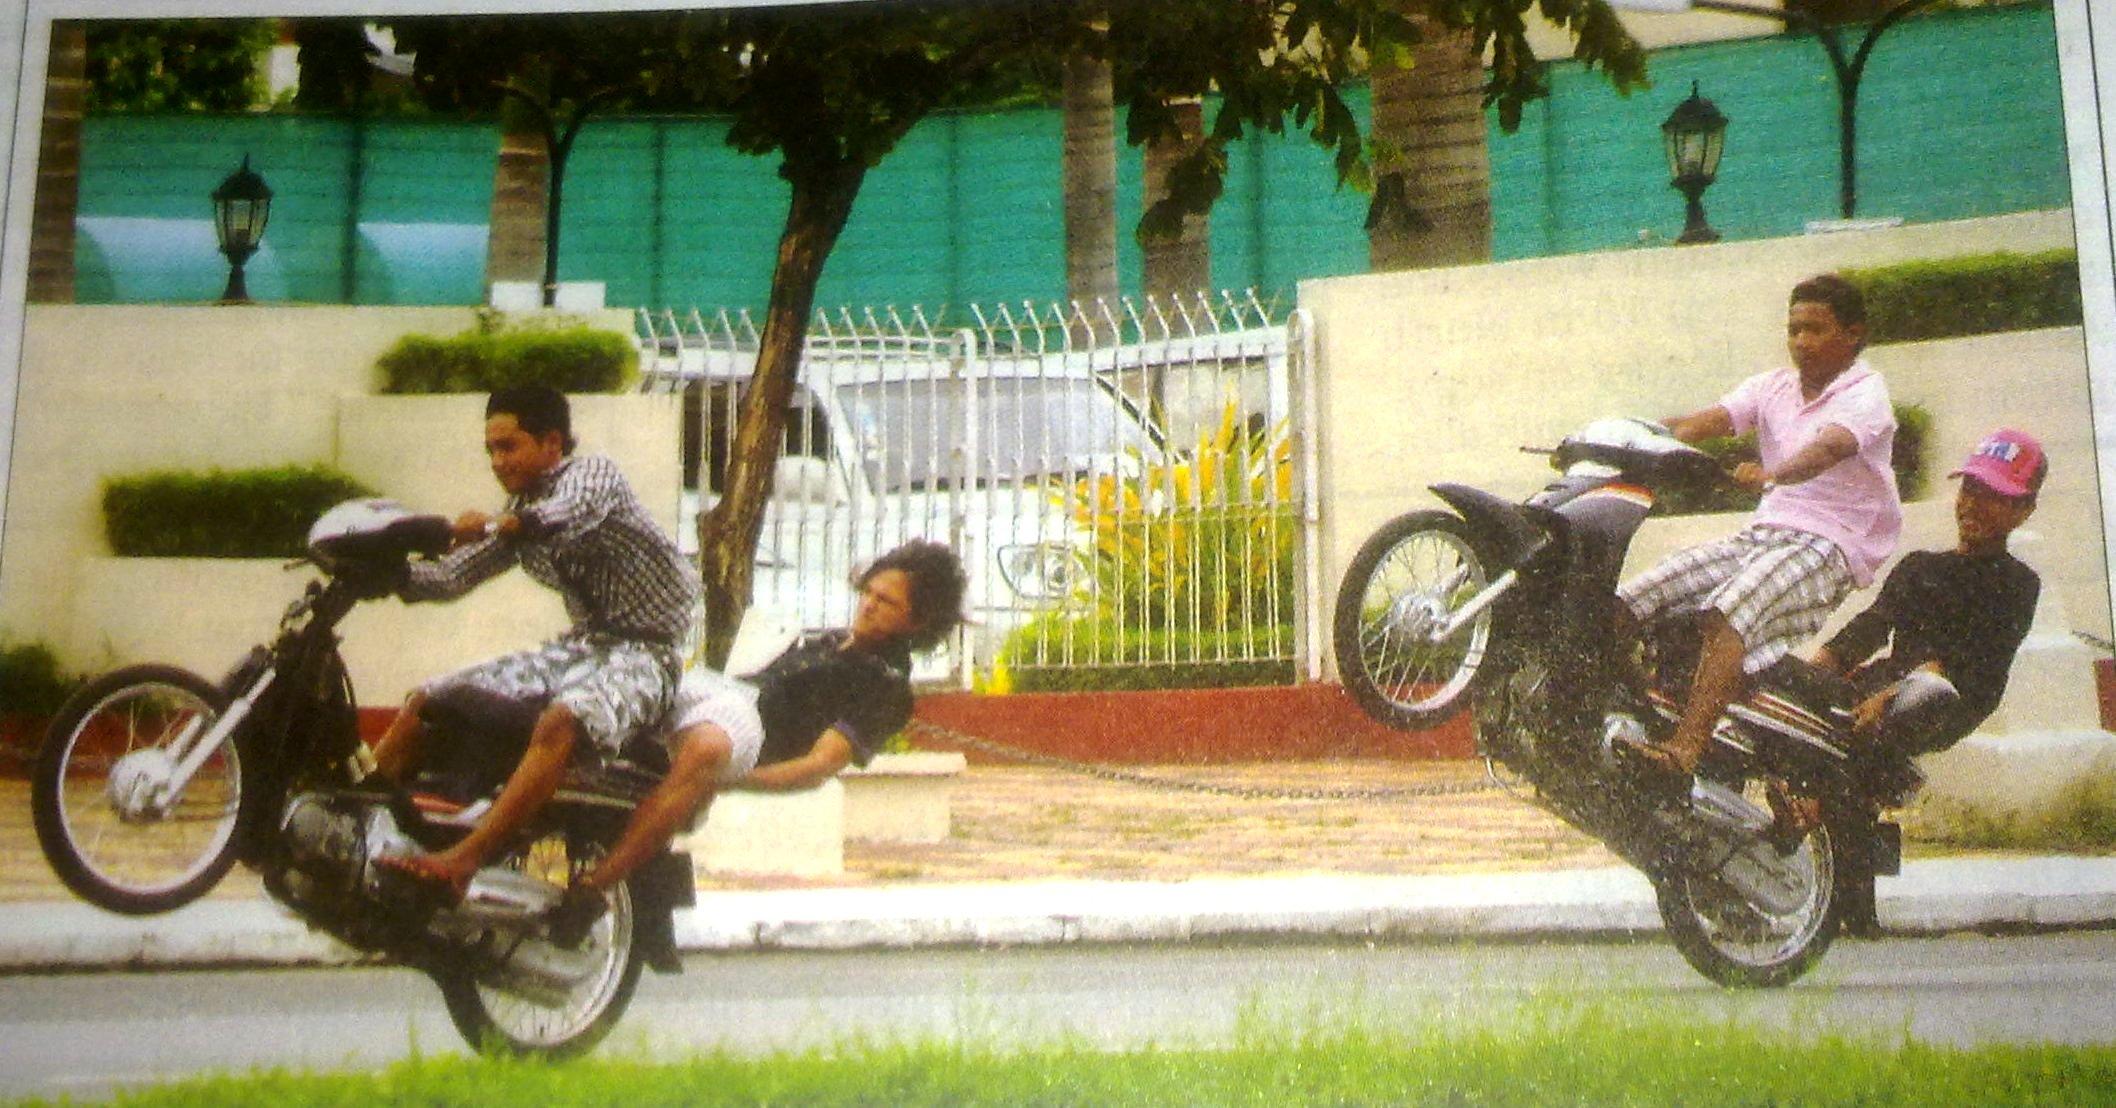 Balancing act........